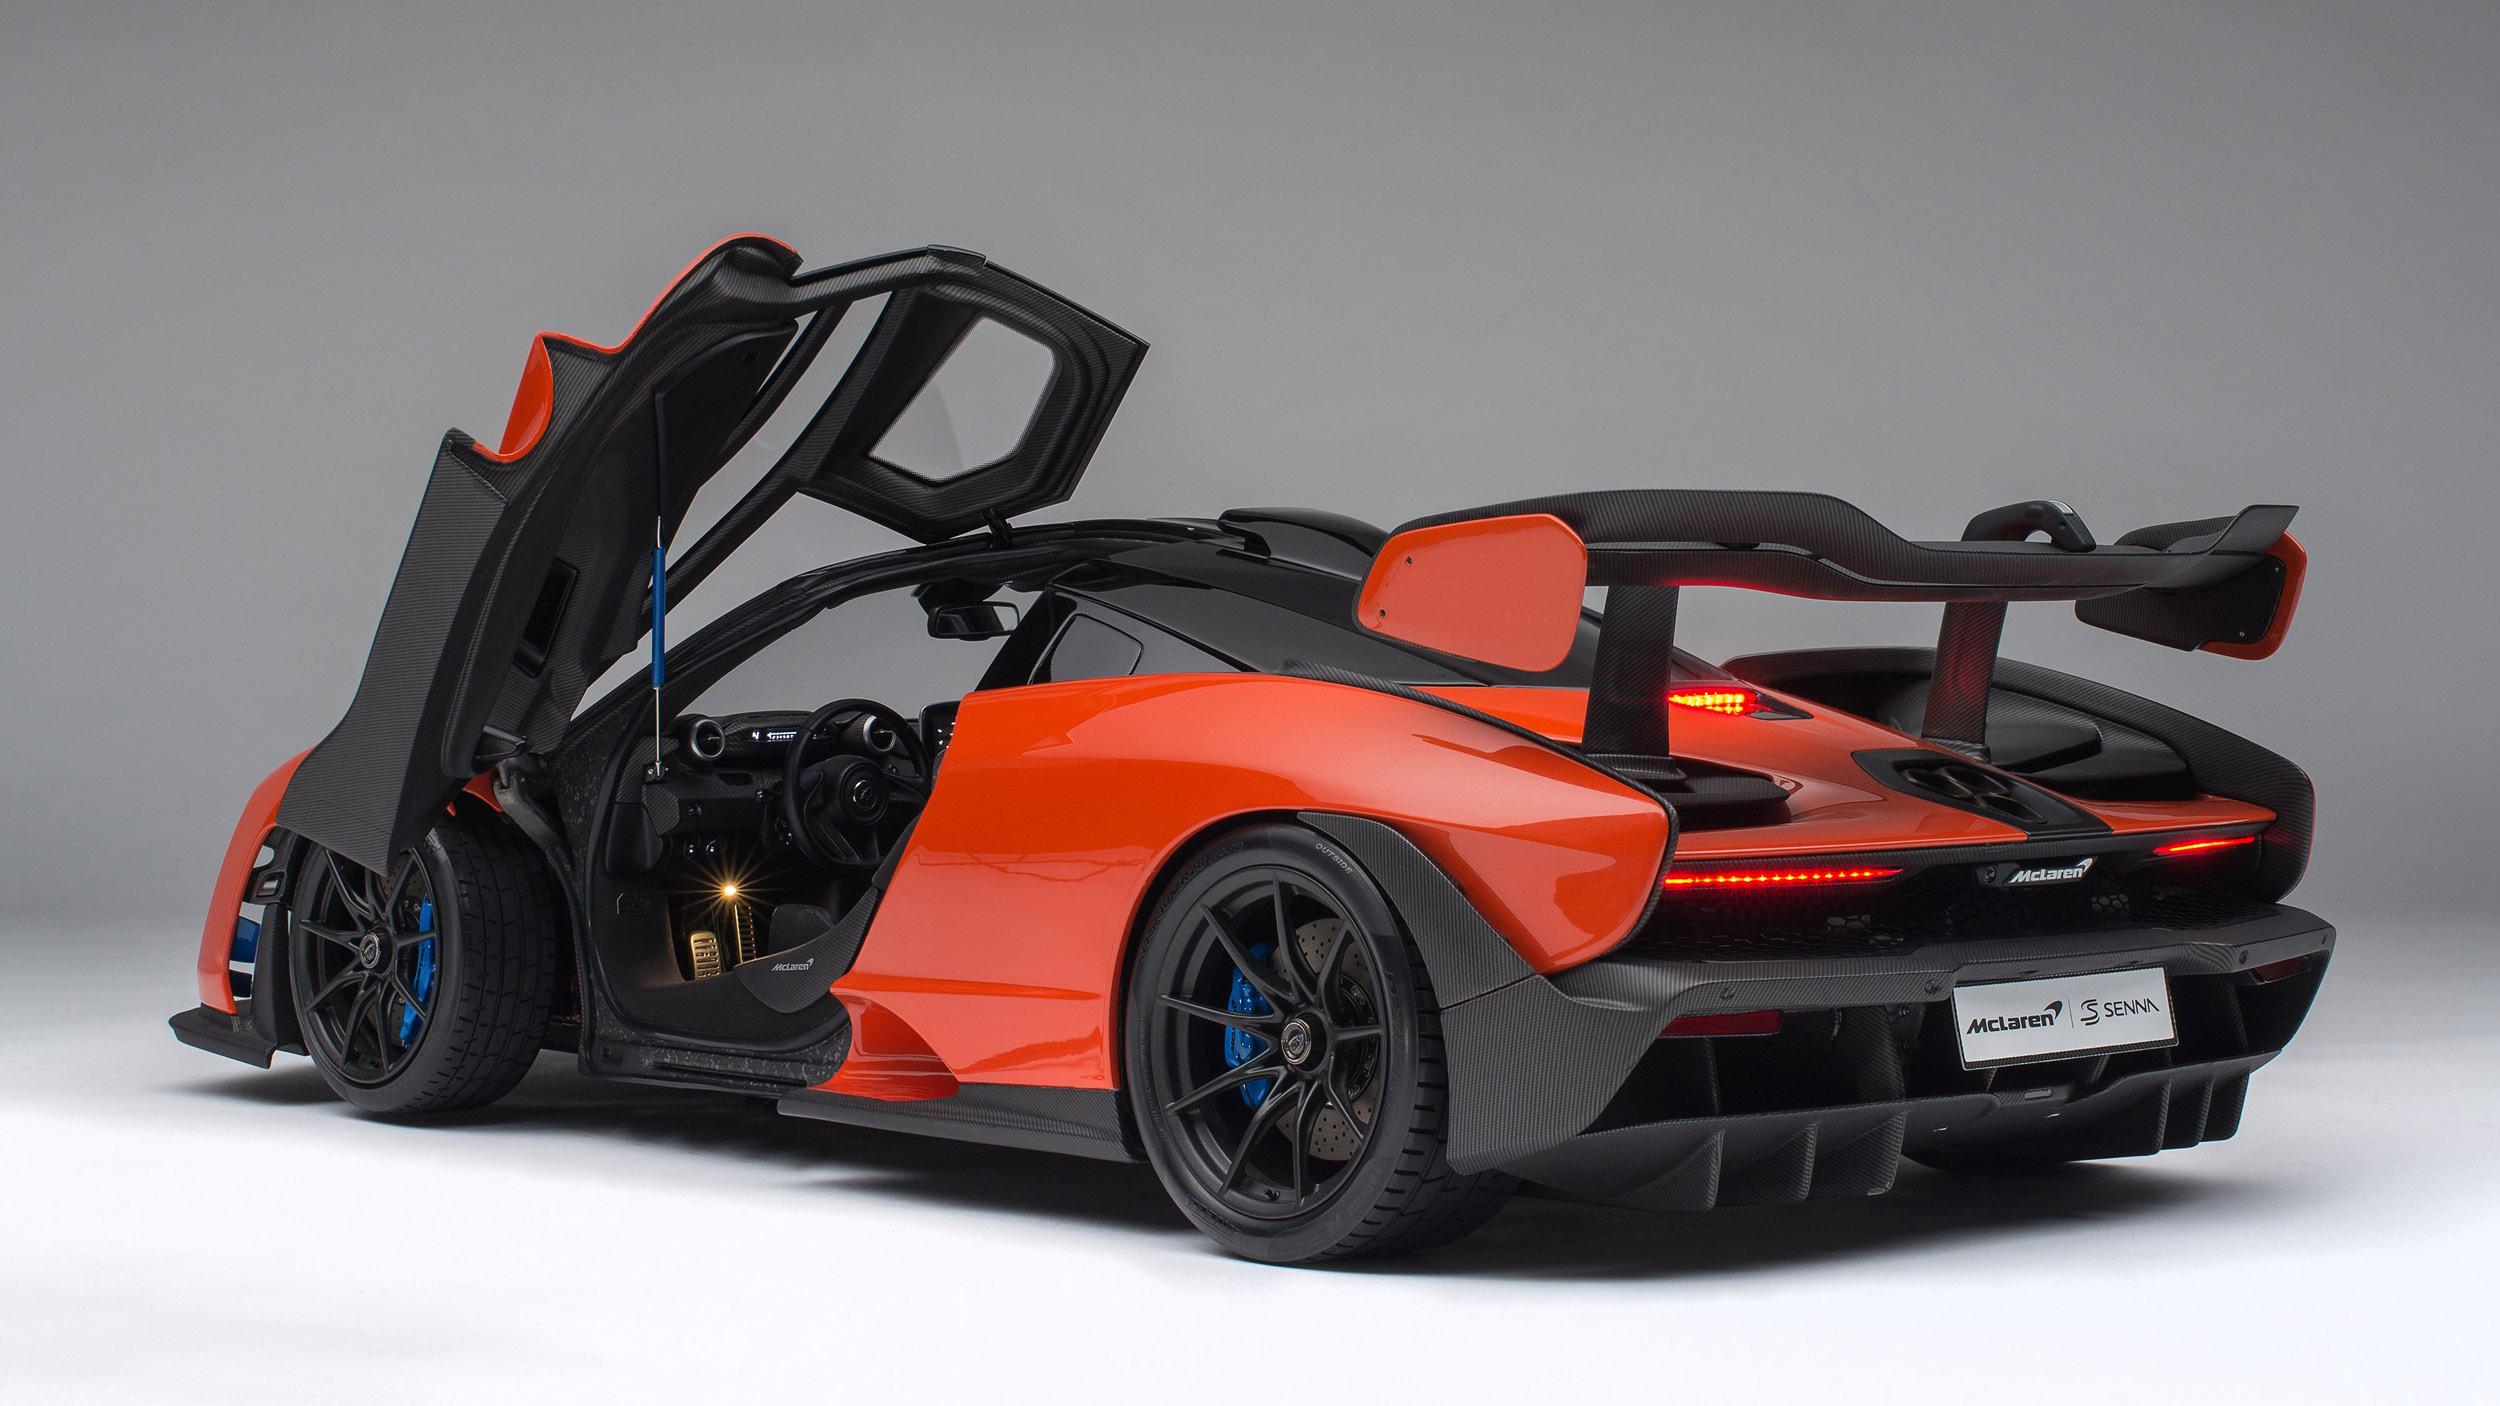 Amalgam-McLaren-Senna-miniature-model-2